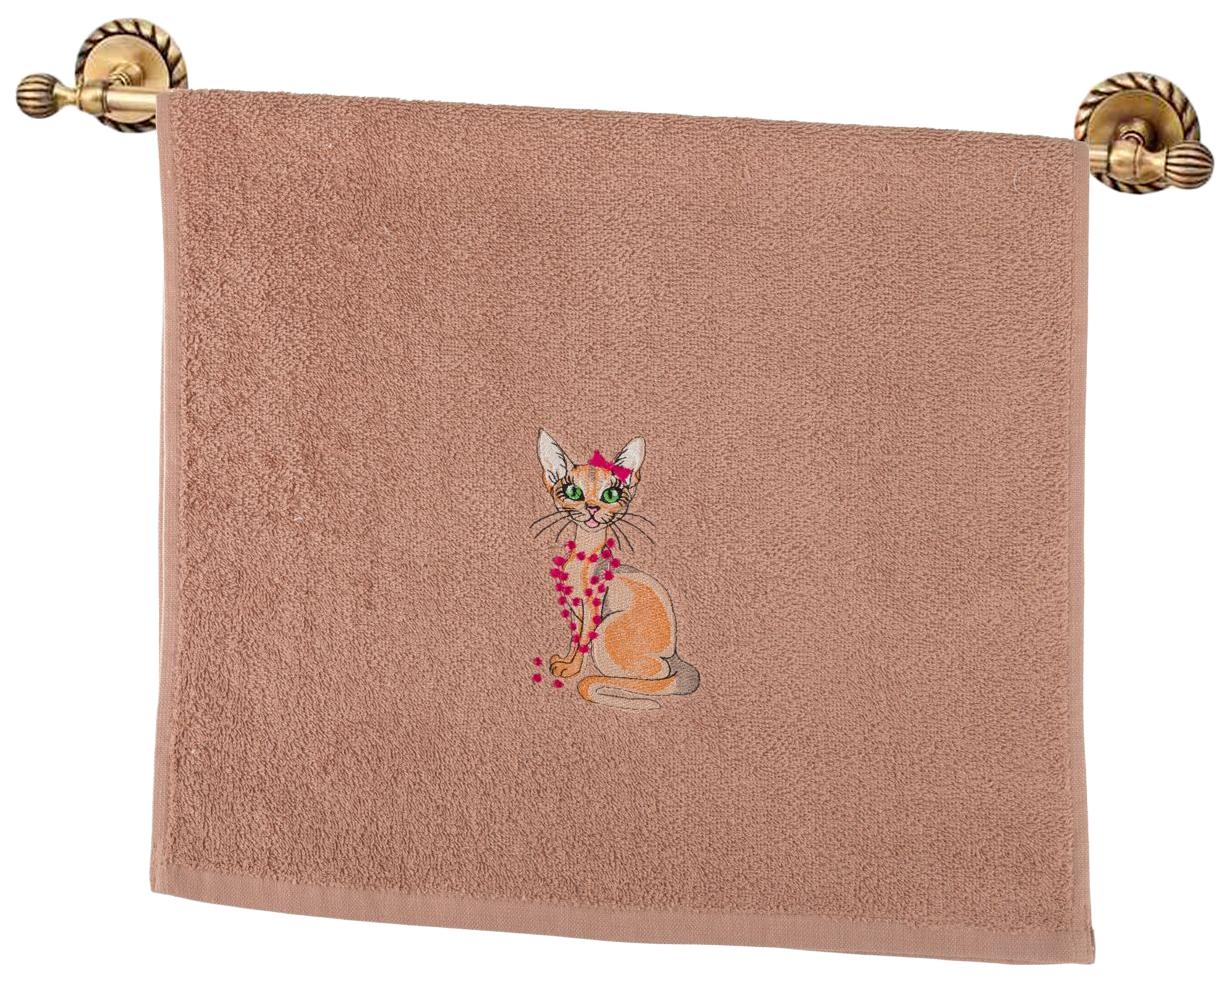 Банное полотенце, полотенце универсальное Santalino коричневый